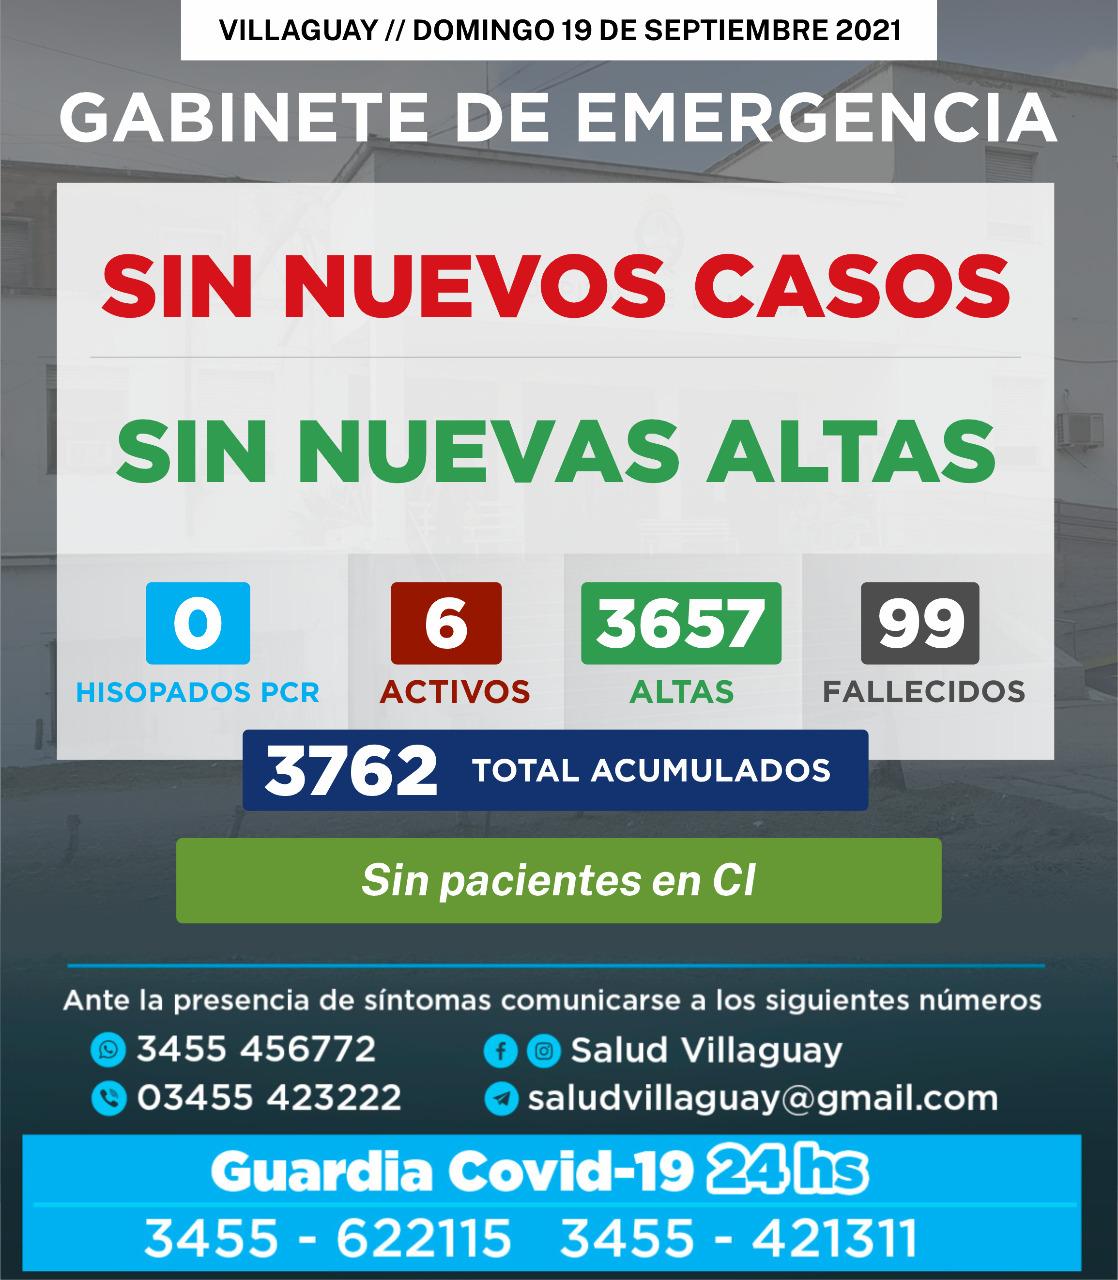 GABINETE DE EMERGENCIA DE VILLAGUAY: Reporte  del Domingo 19/09- SIN nuevos casos de Covid-19